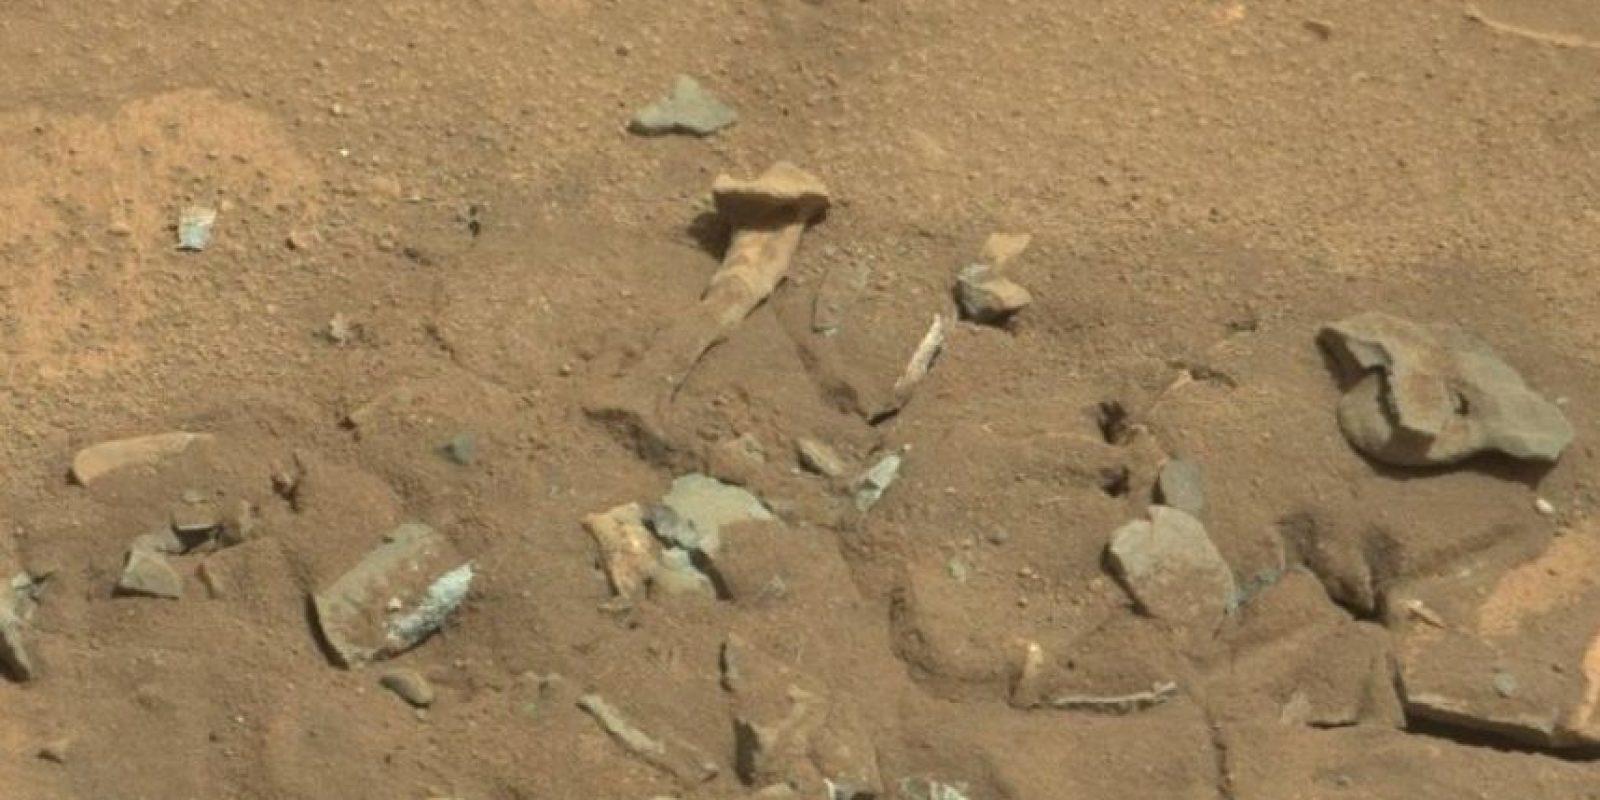 Se descubrió en agosto de 2014 Foto:NASA. Foto original en http://mars.jpl.nasa.gov/msl-raw-images/msss/00719/mcam/0719MR0030550060402769E01_DXXX.jpg